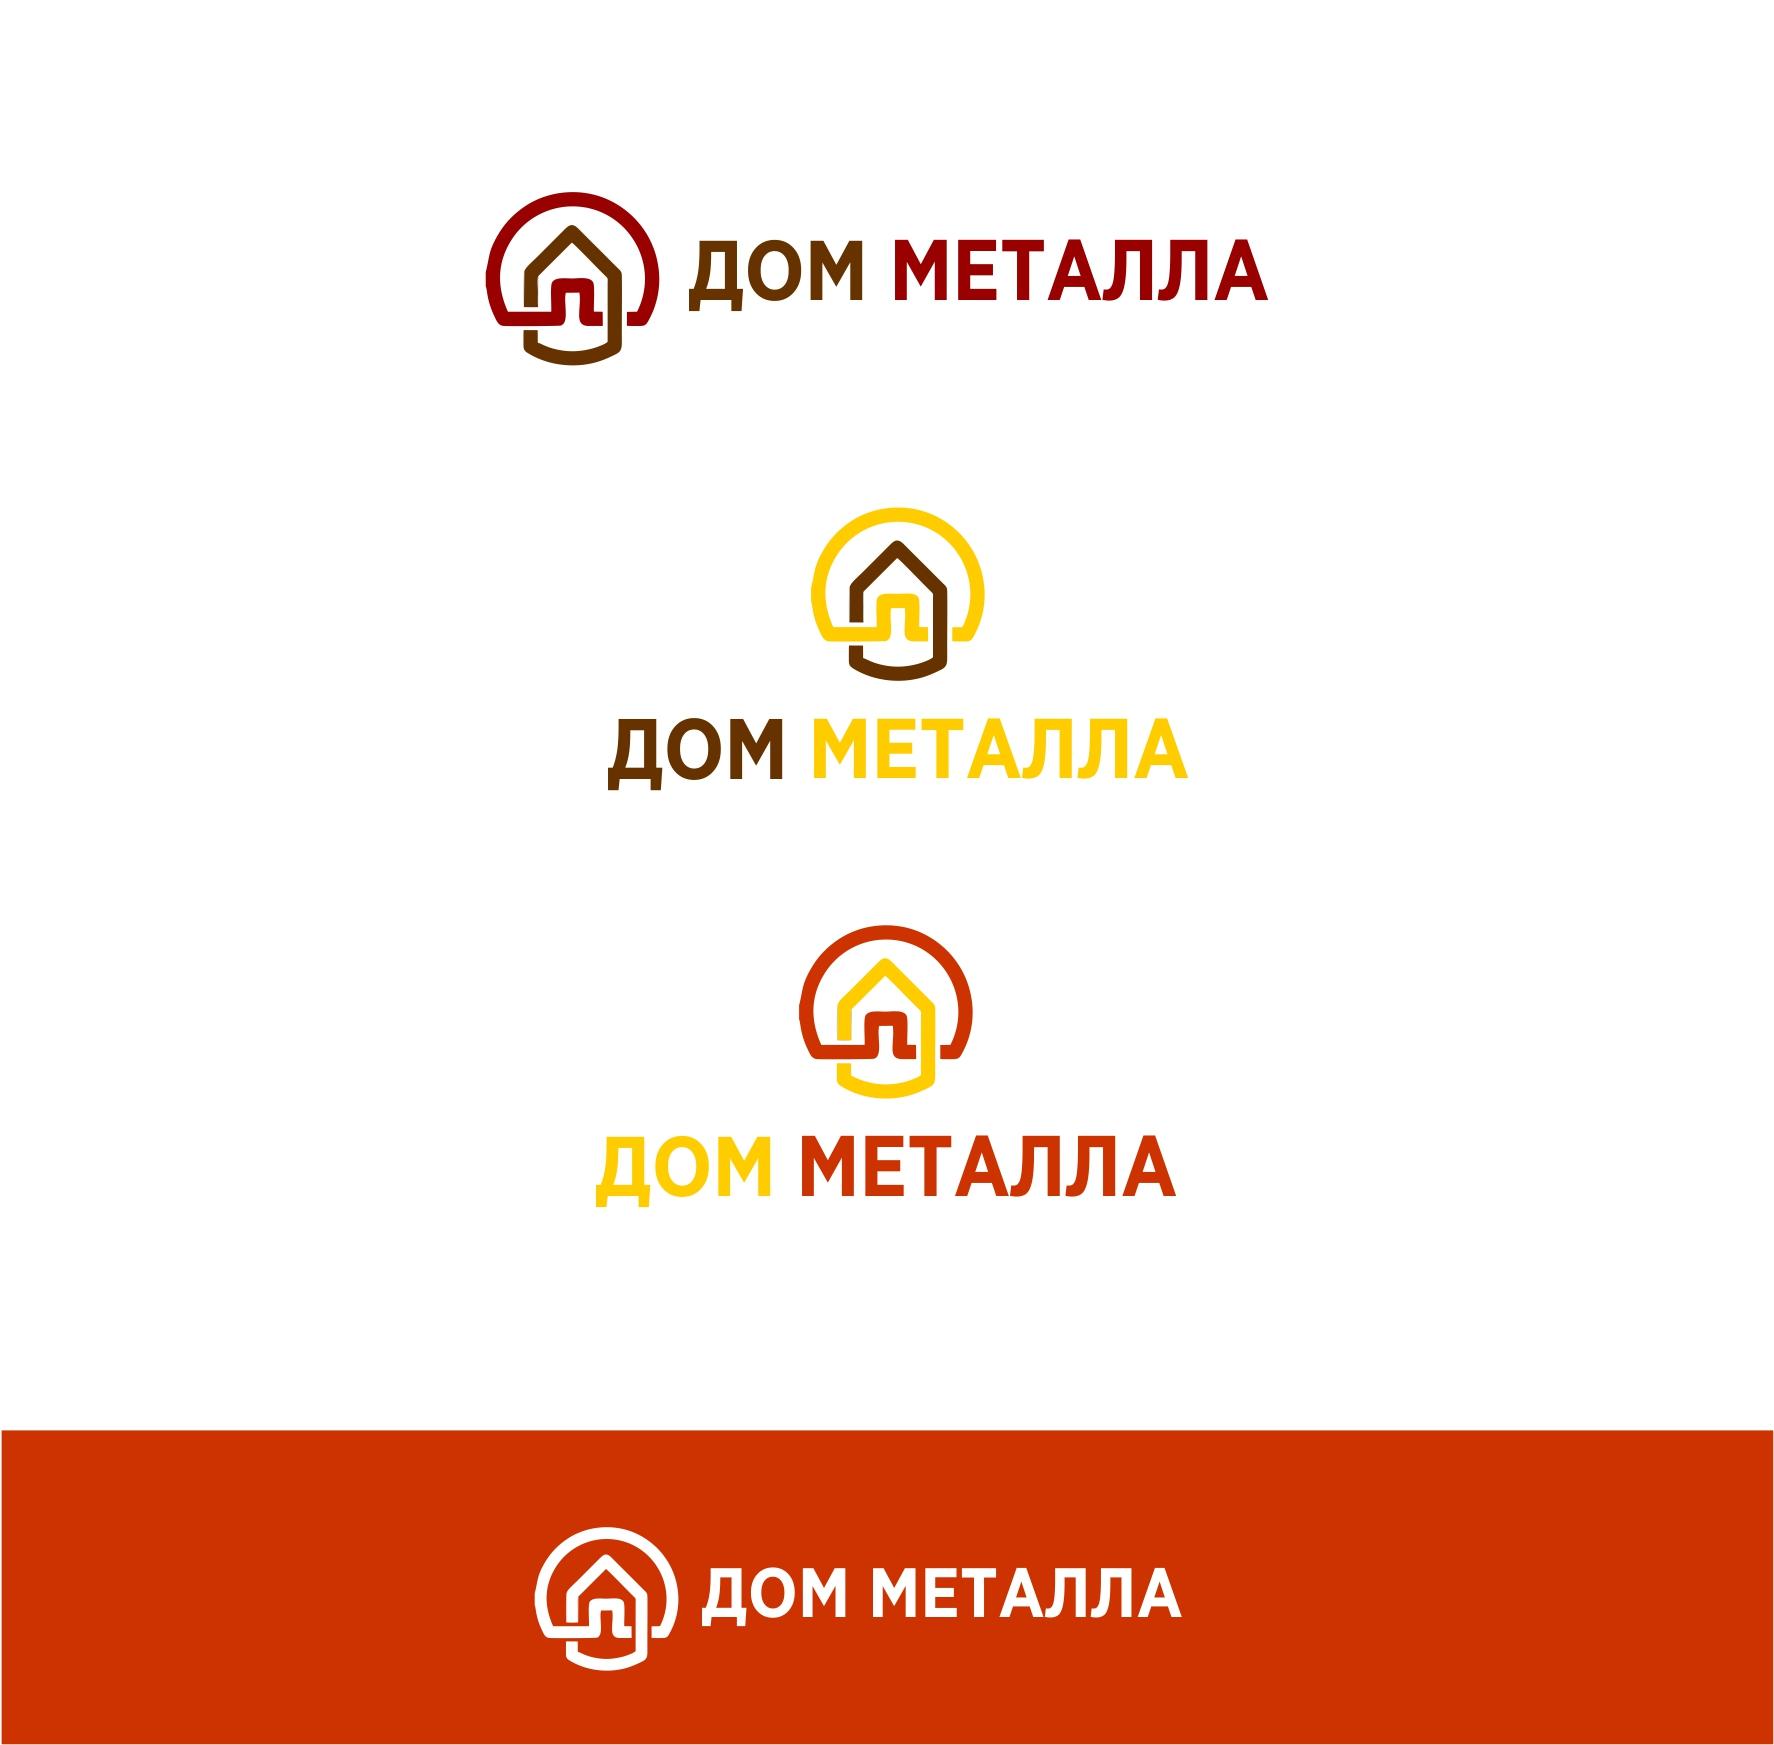 Разработка логотипа фото f_2105c5add283a66f.jpg